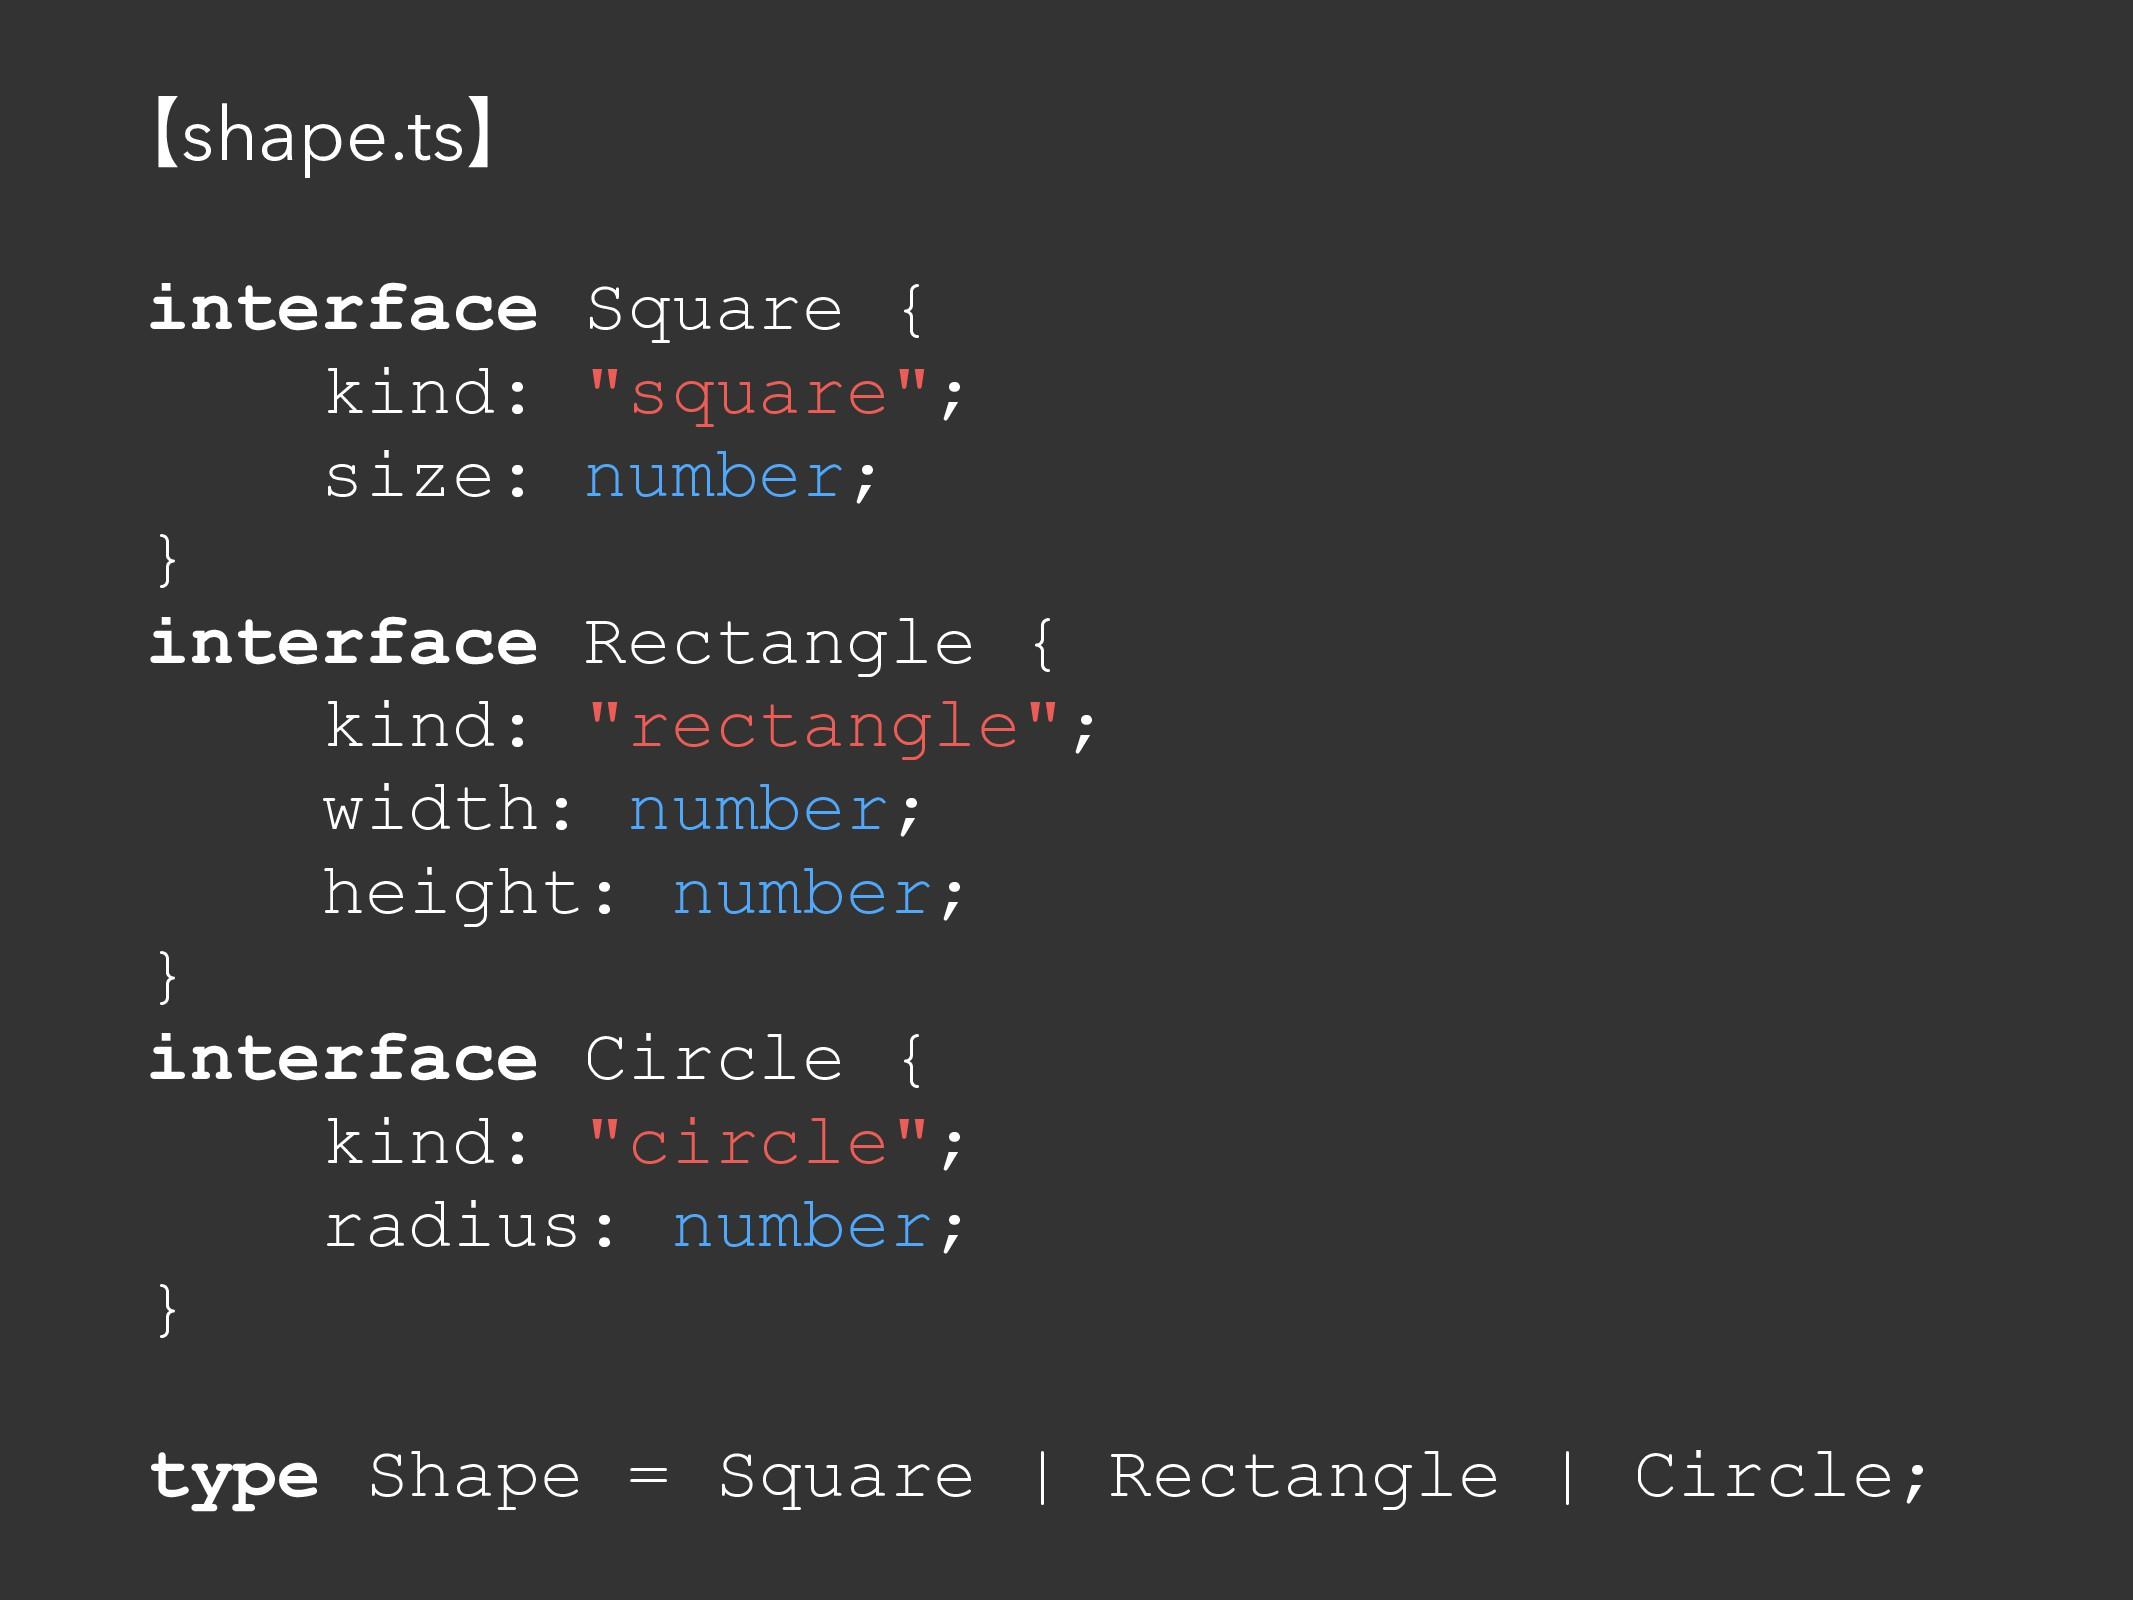 """ʲshape.tsʳ interface Square { kind: """"square""""; s..."""